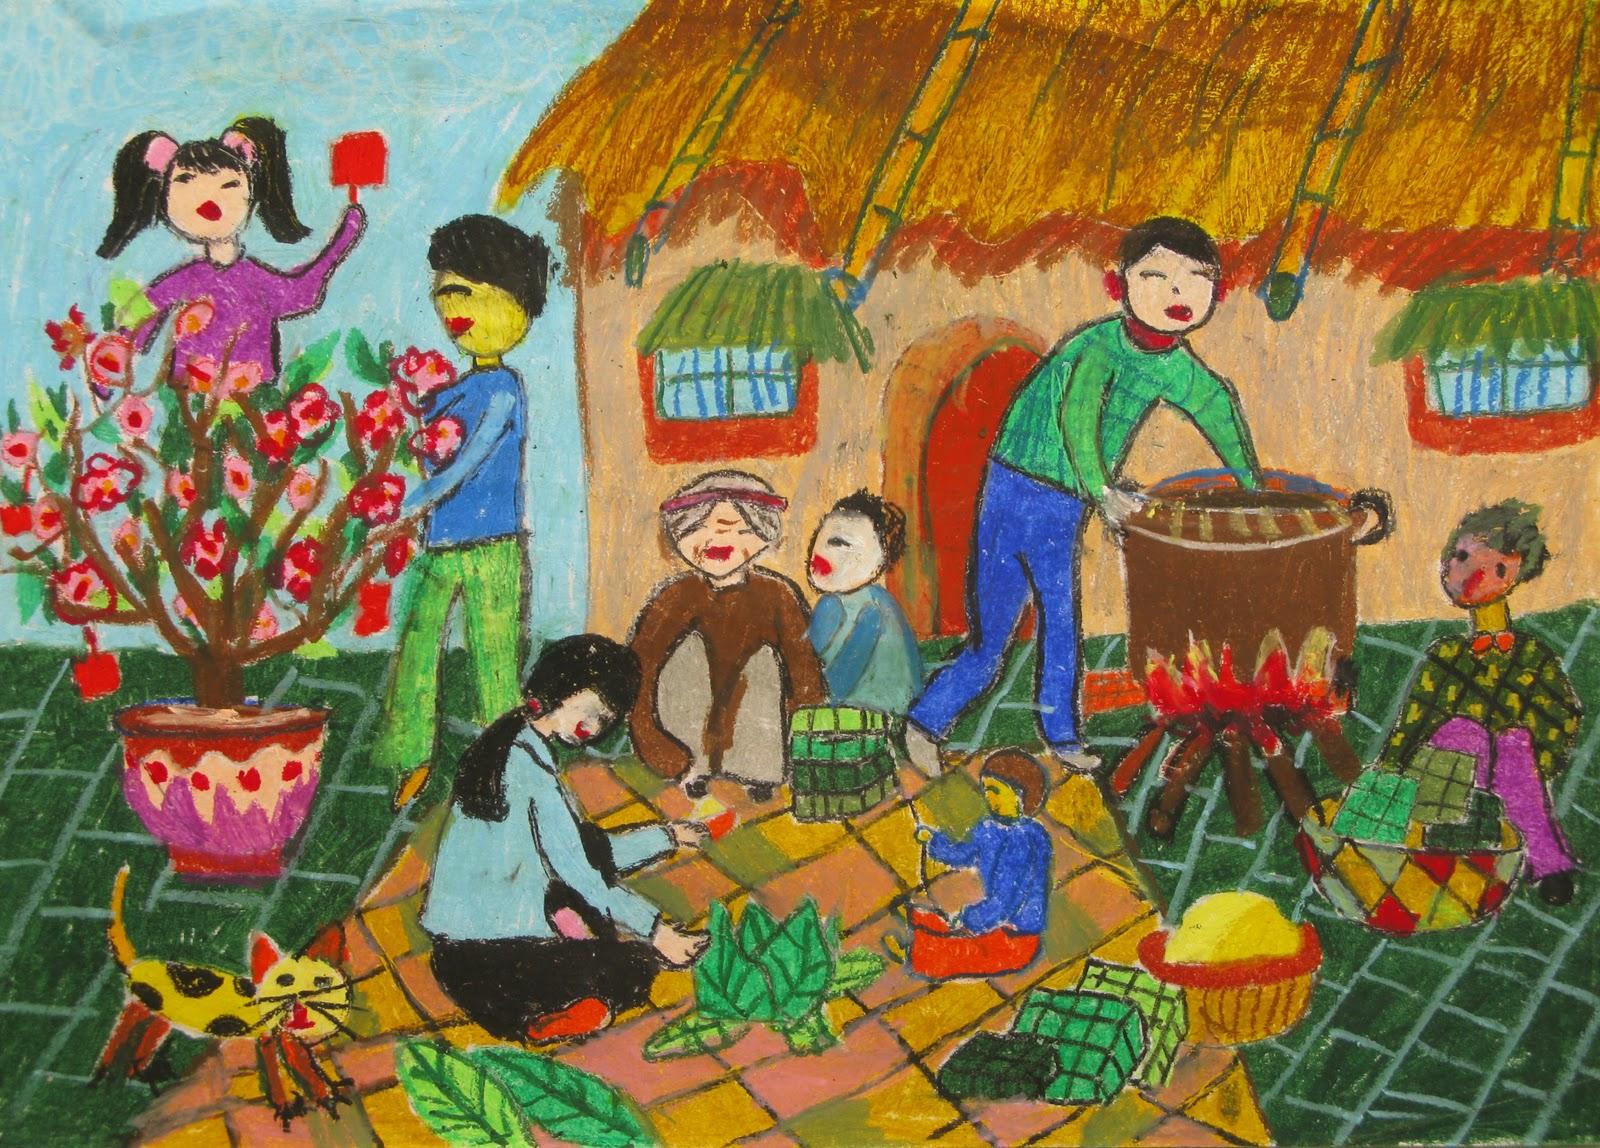 vẽ tranh đề tài lễ hội ngày tết cổ truyền